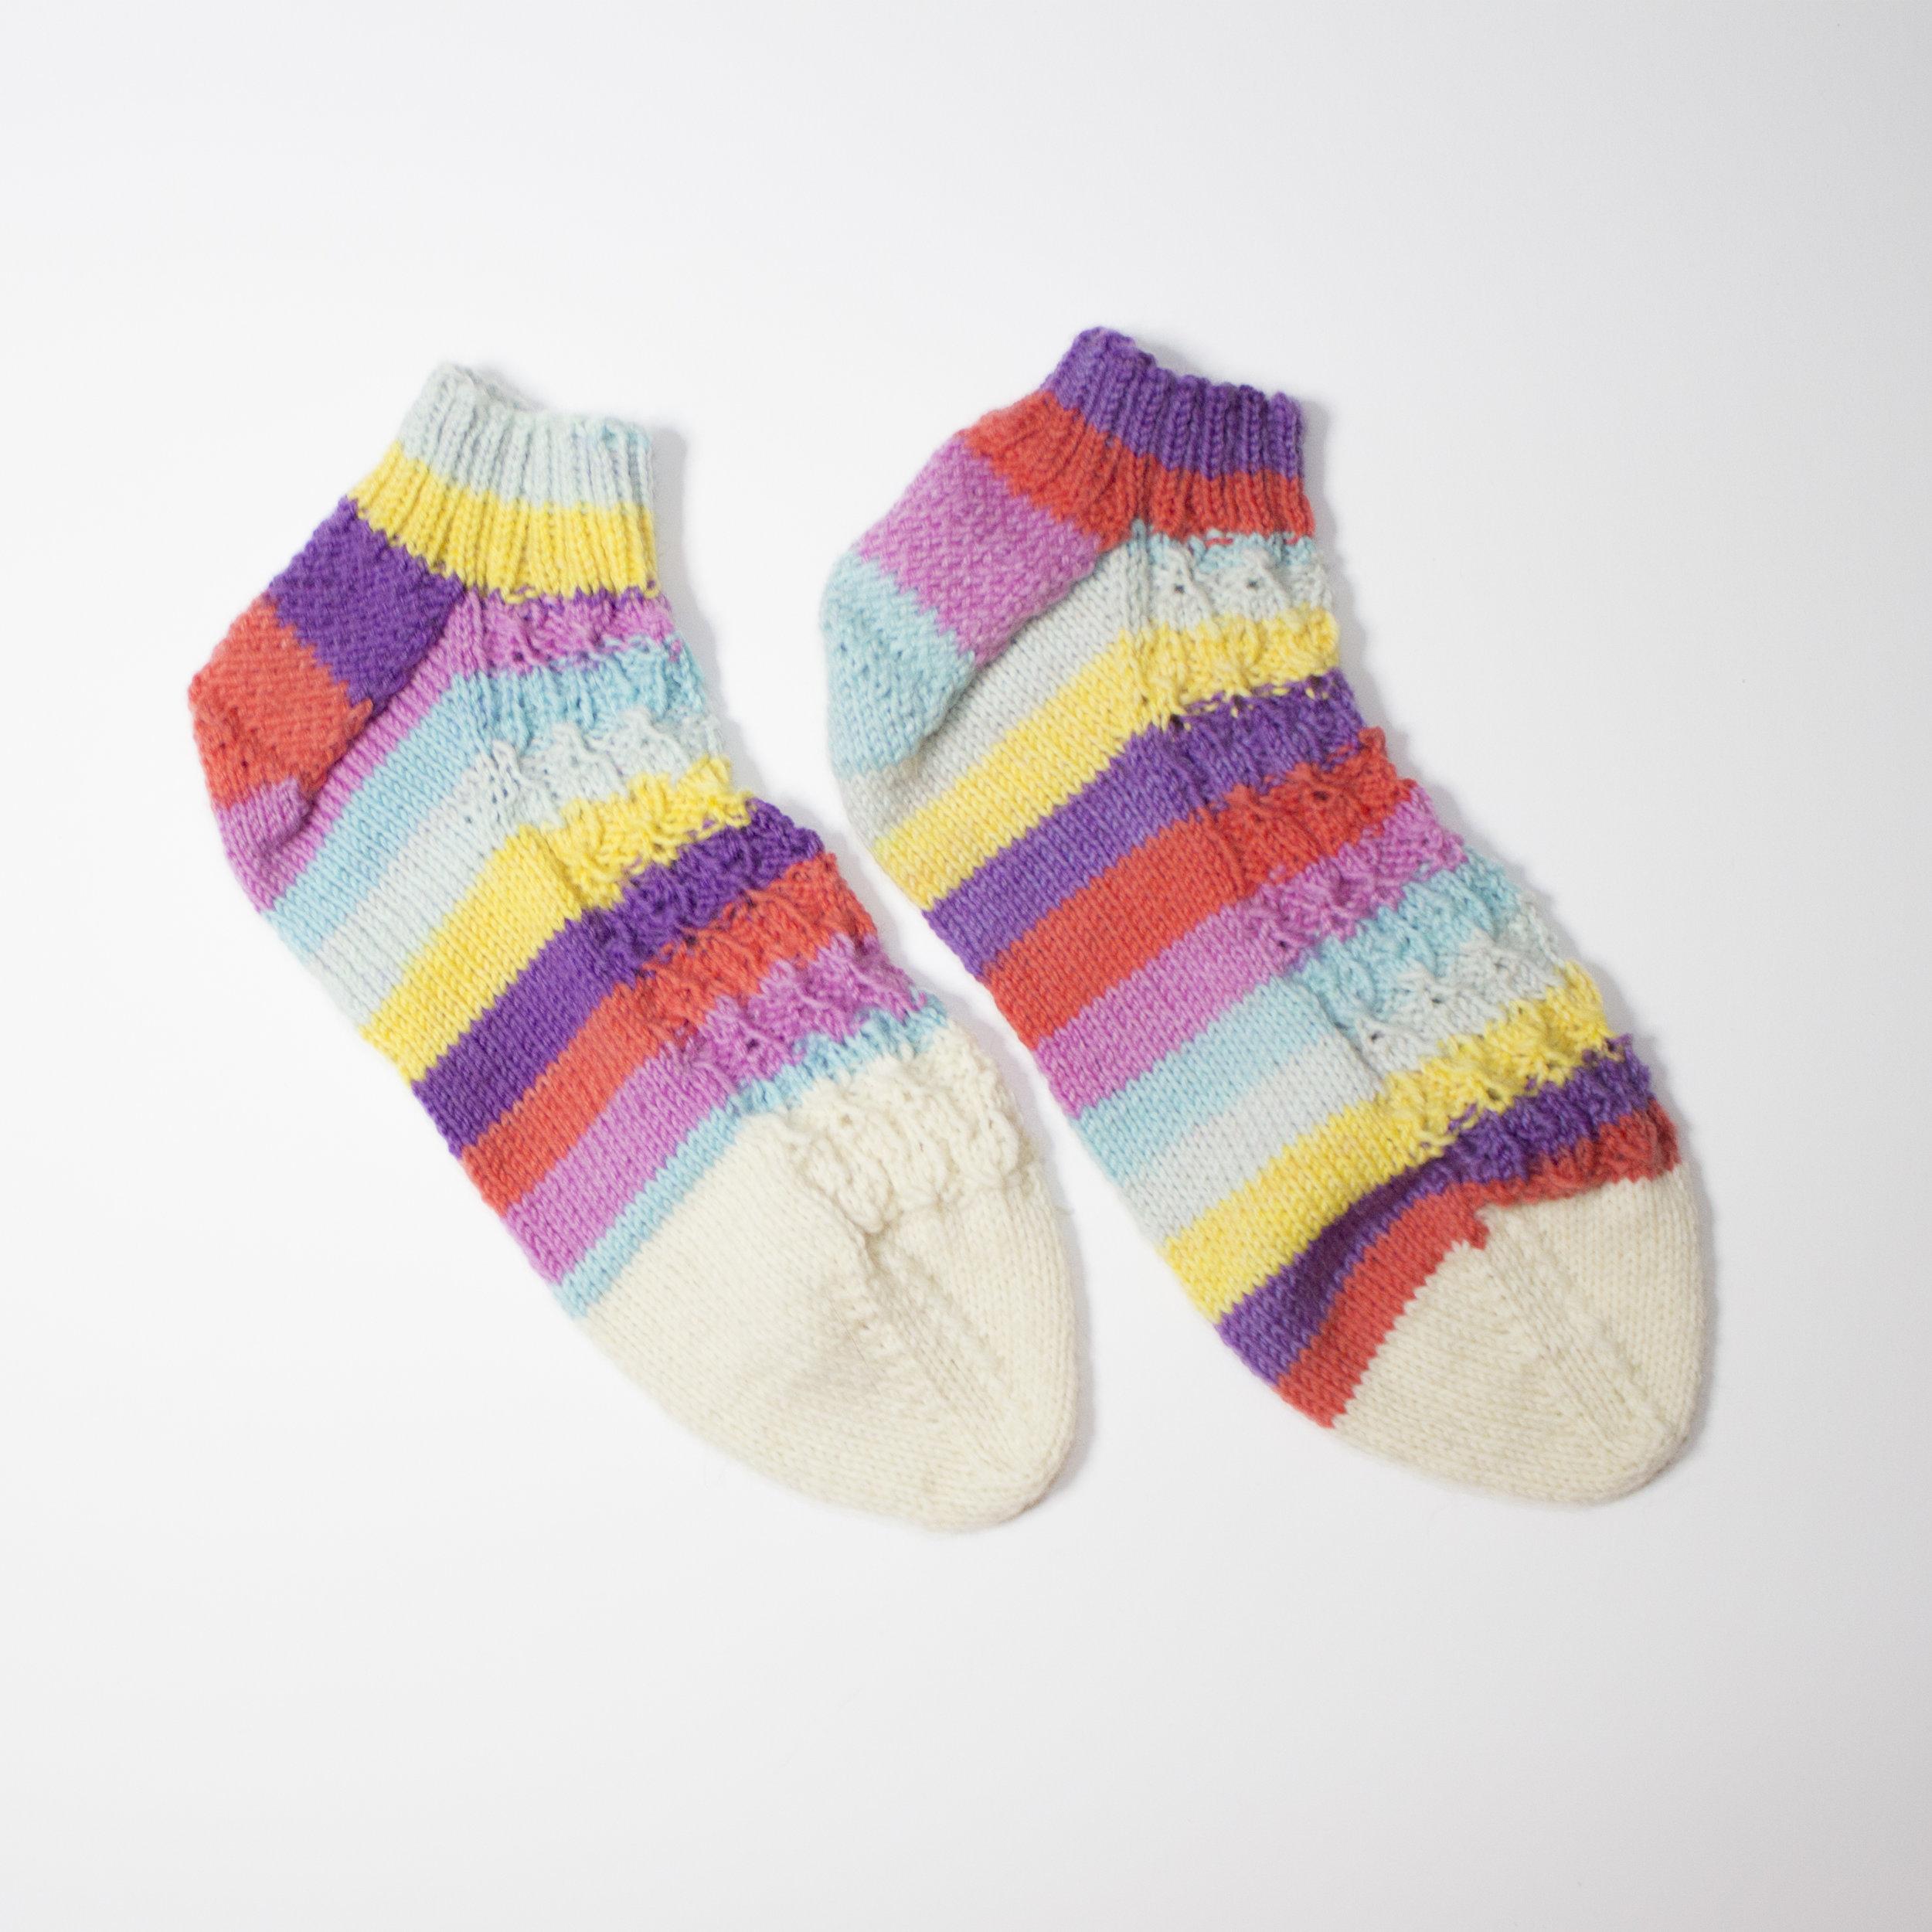 socks IMG_6210.jpg